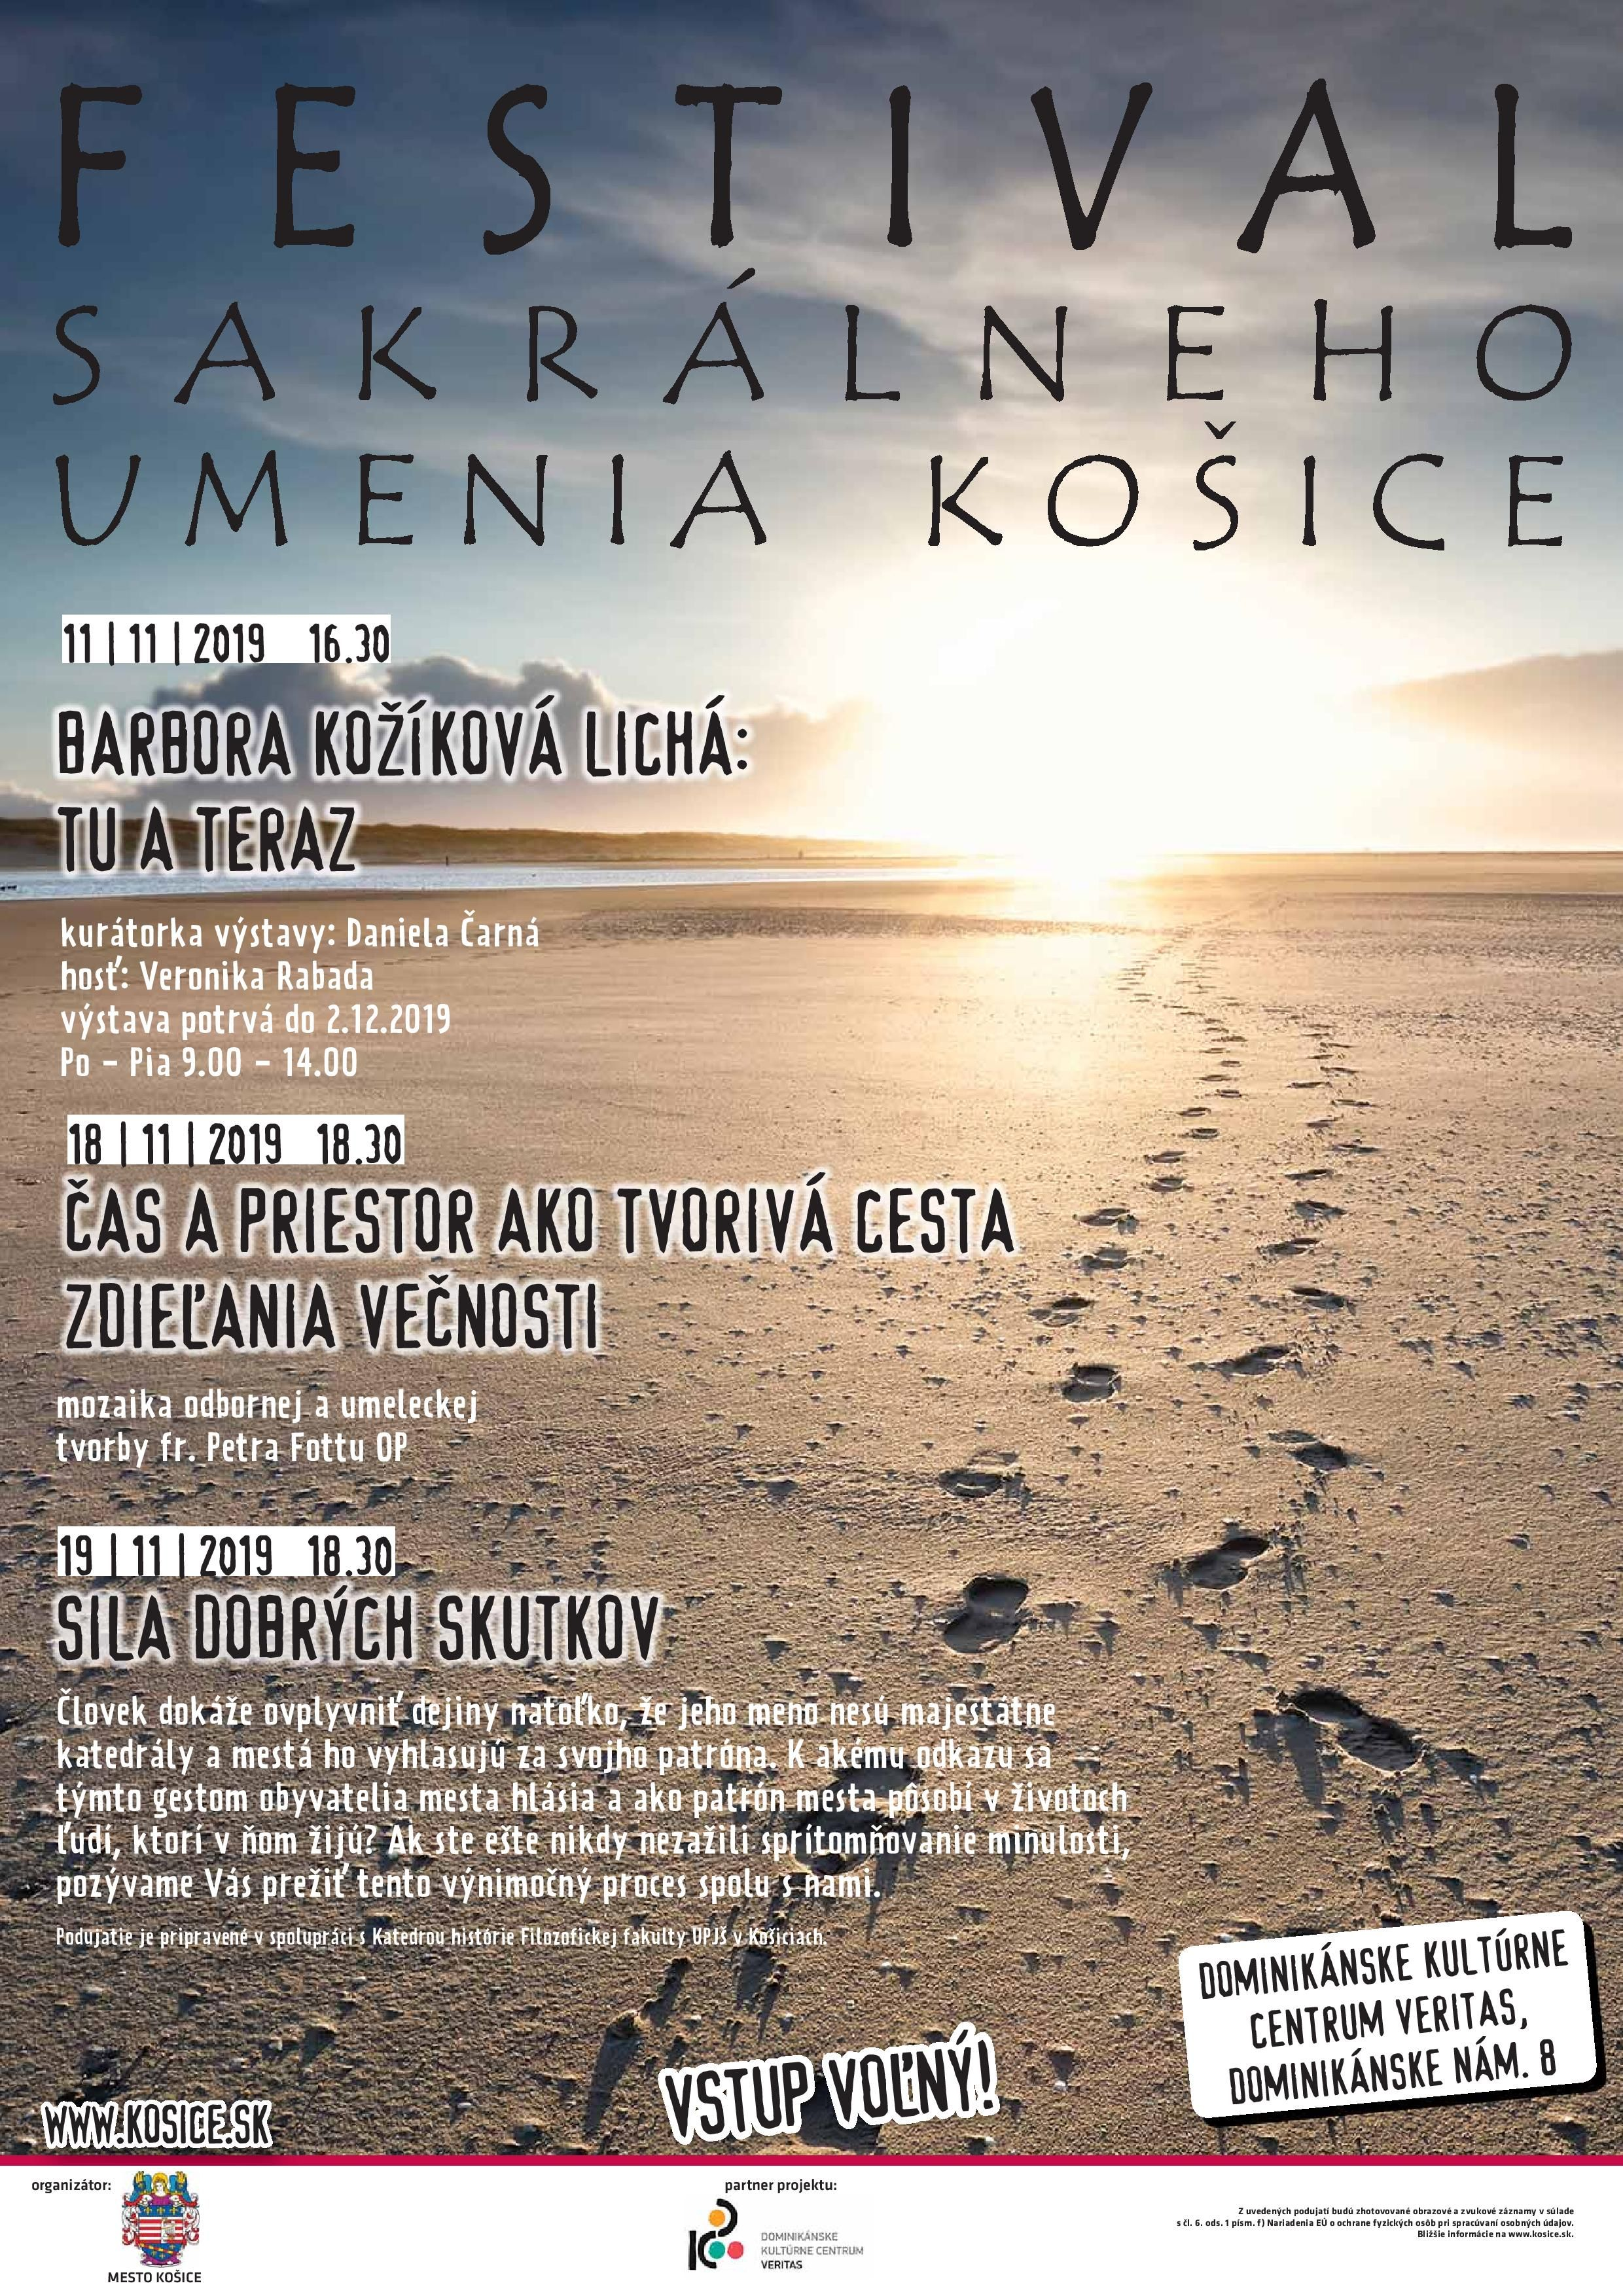 11.11.-19.11.2019 Podujatia v Dominikánskom kultúrnom centre VERITAS